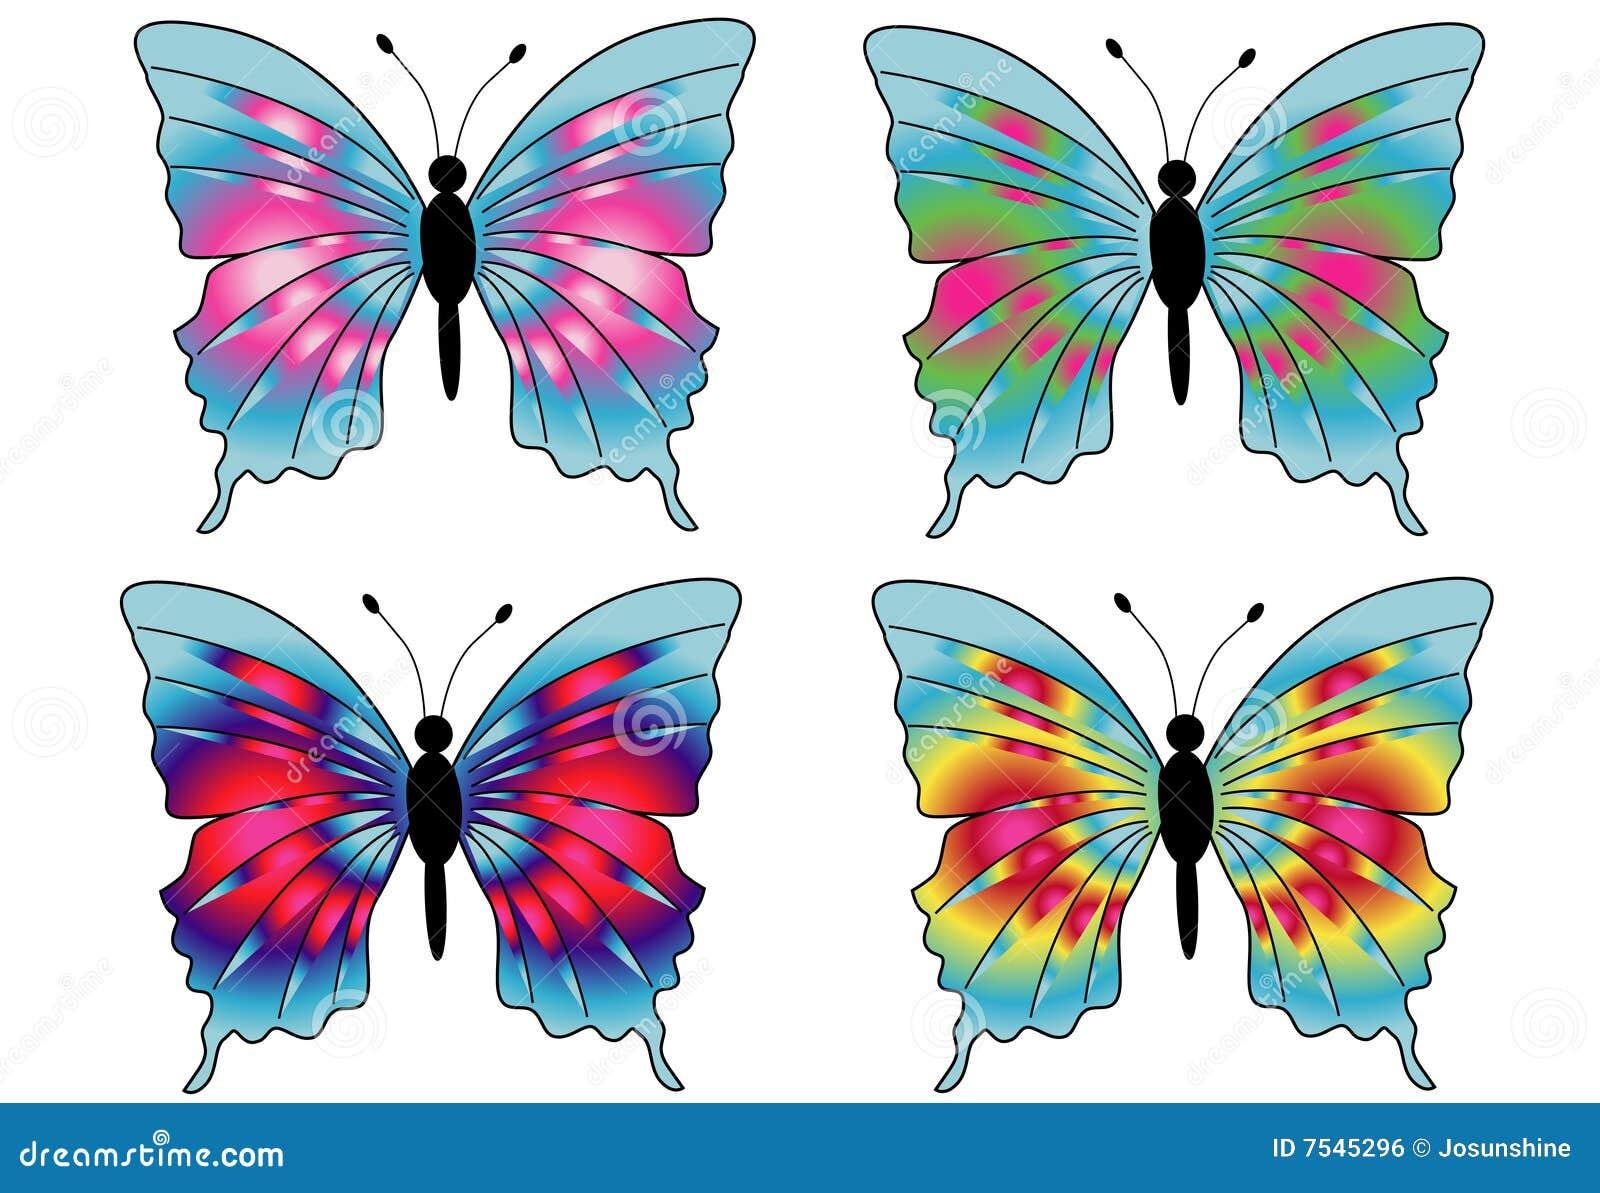 21 mooie kleurrijke vlinder - photo #14